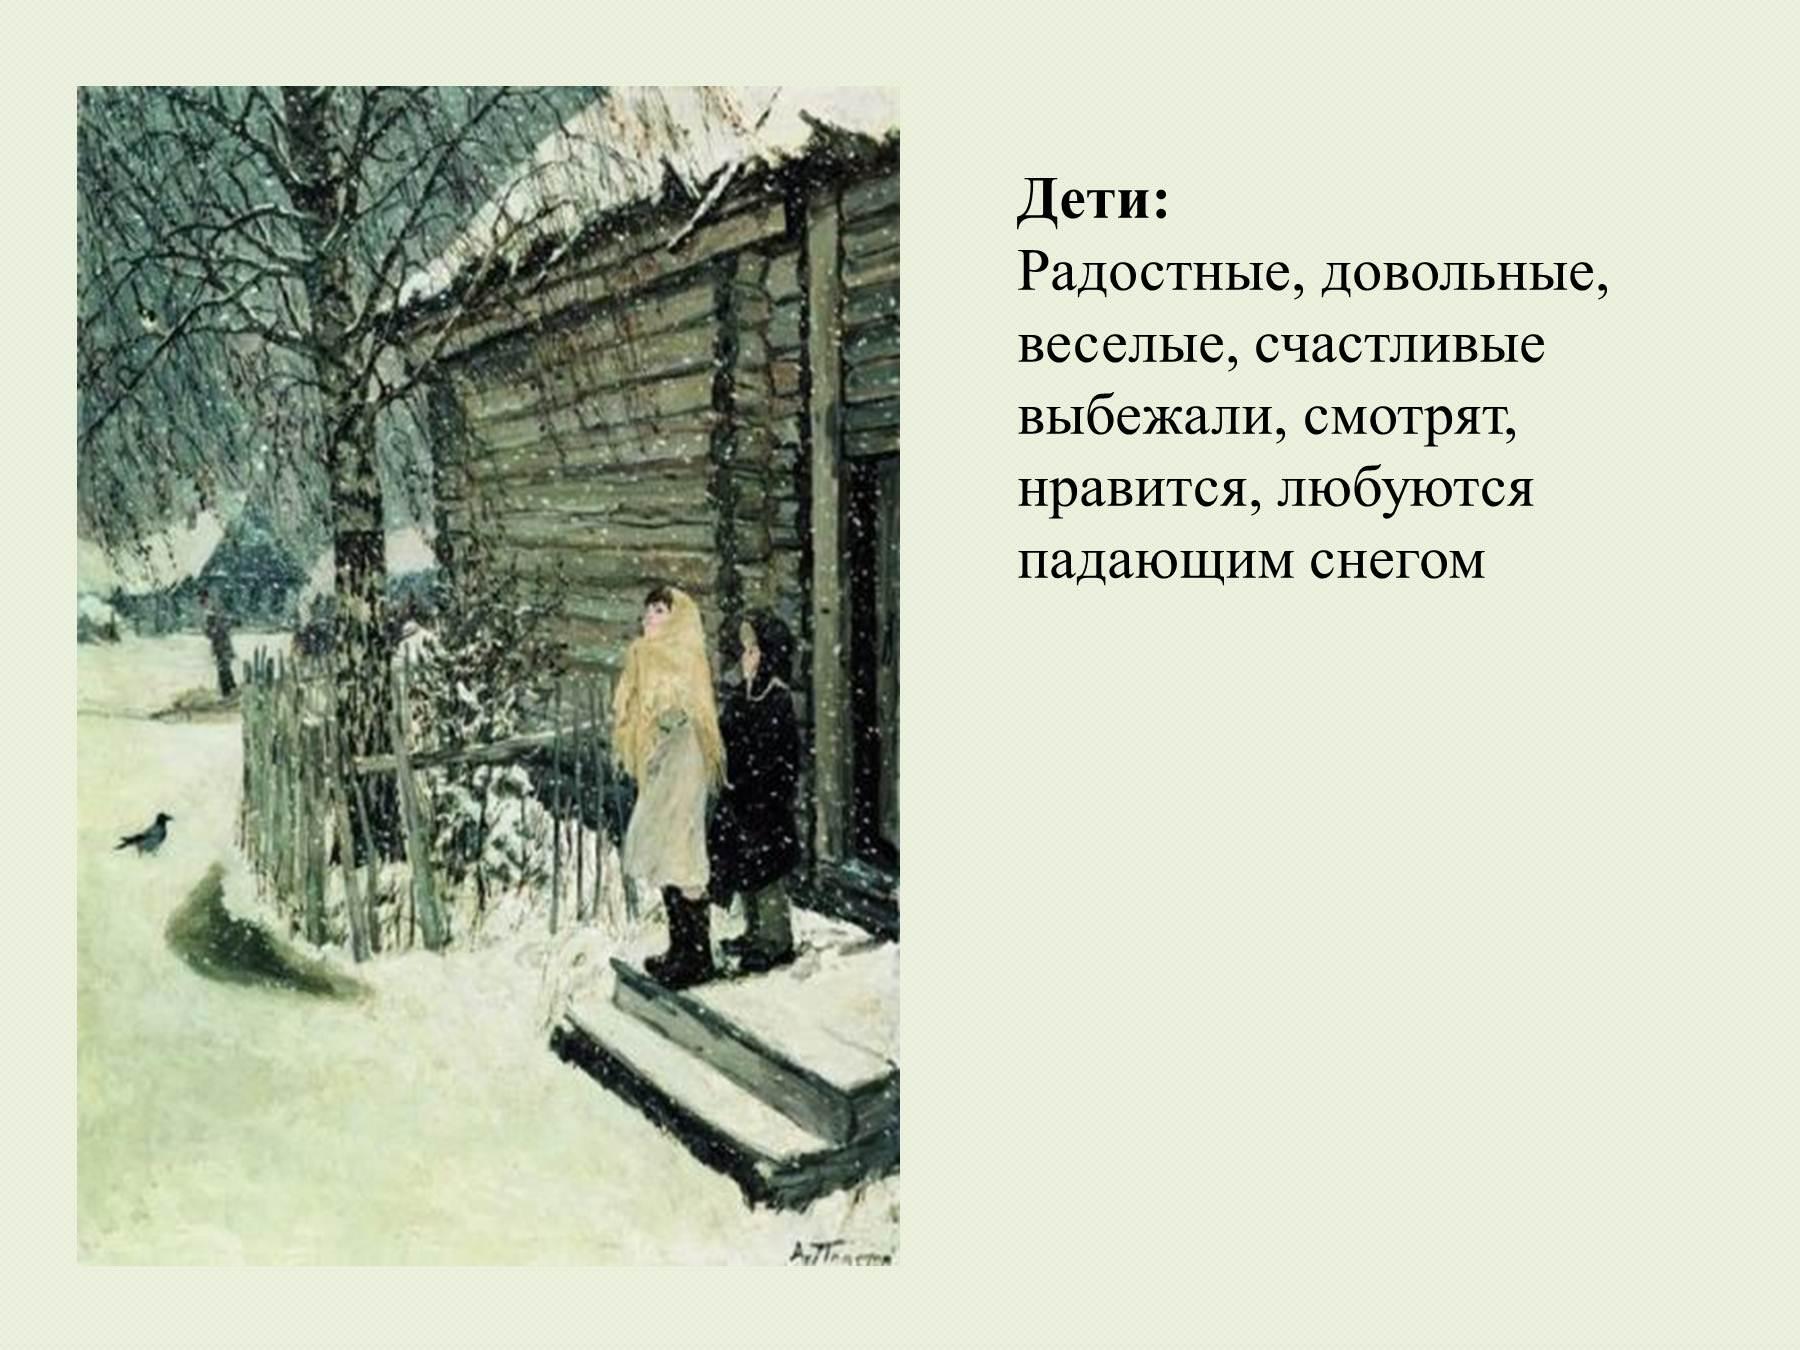 Сочинение-описание по картине первый снег